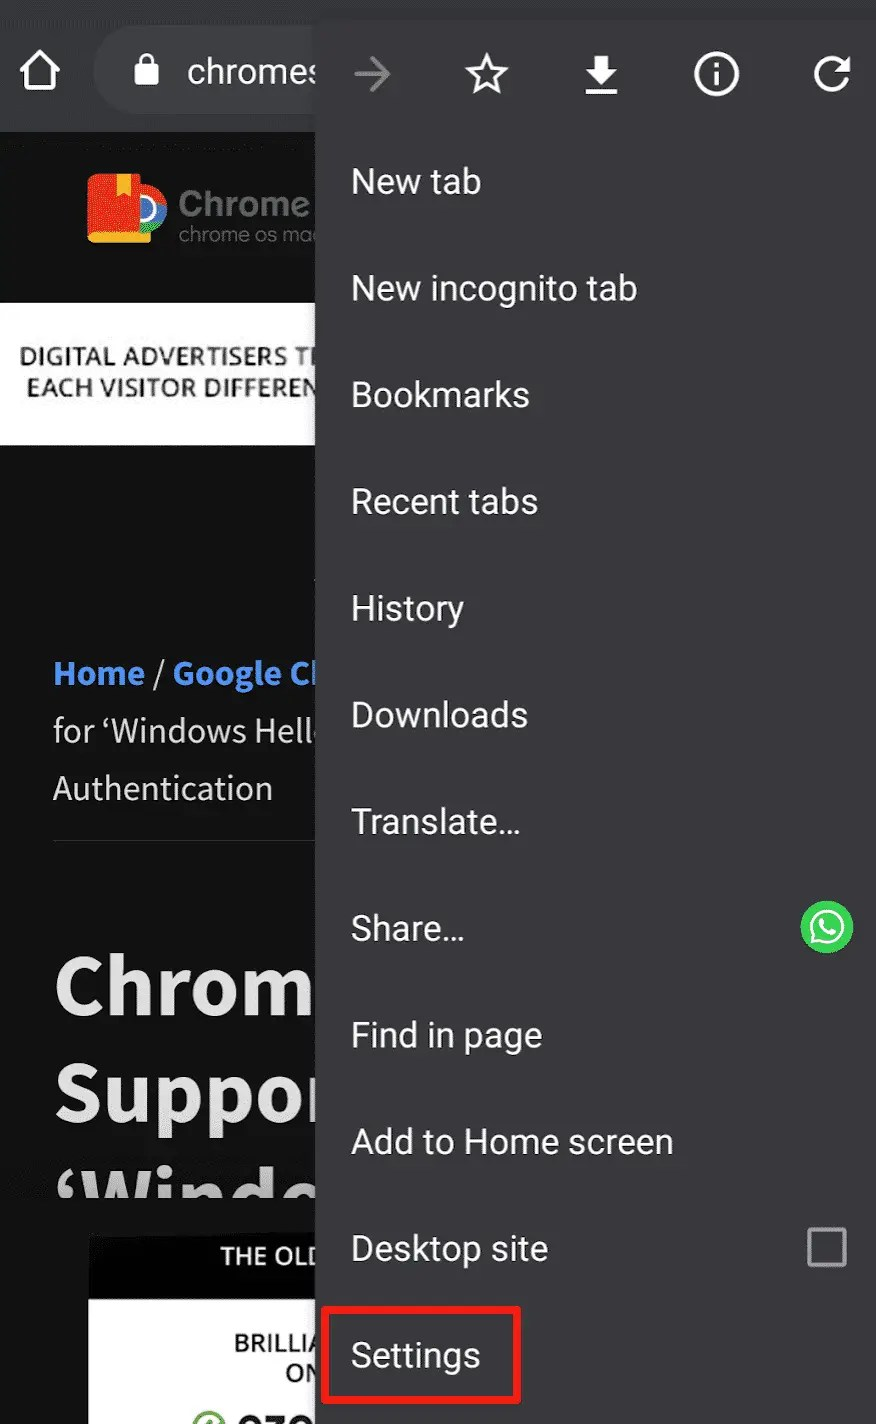 Chrome Settings Menu Item